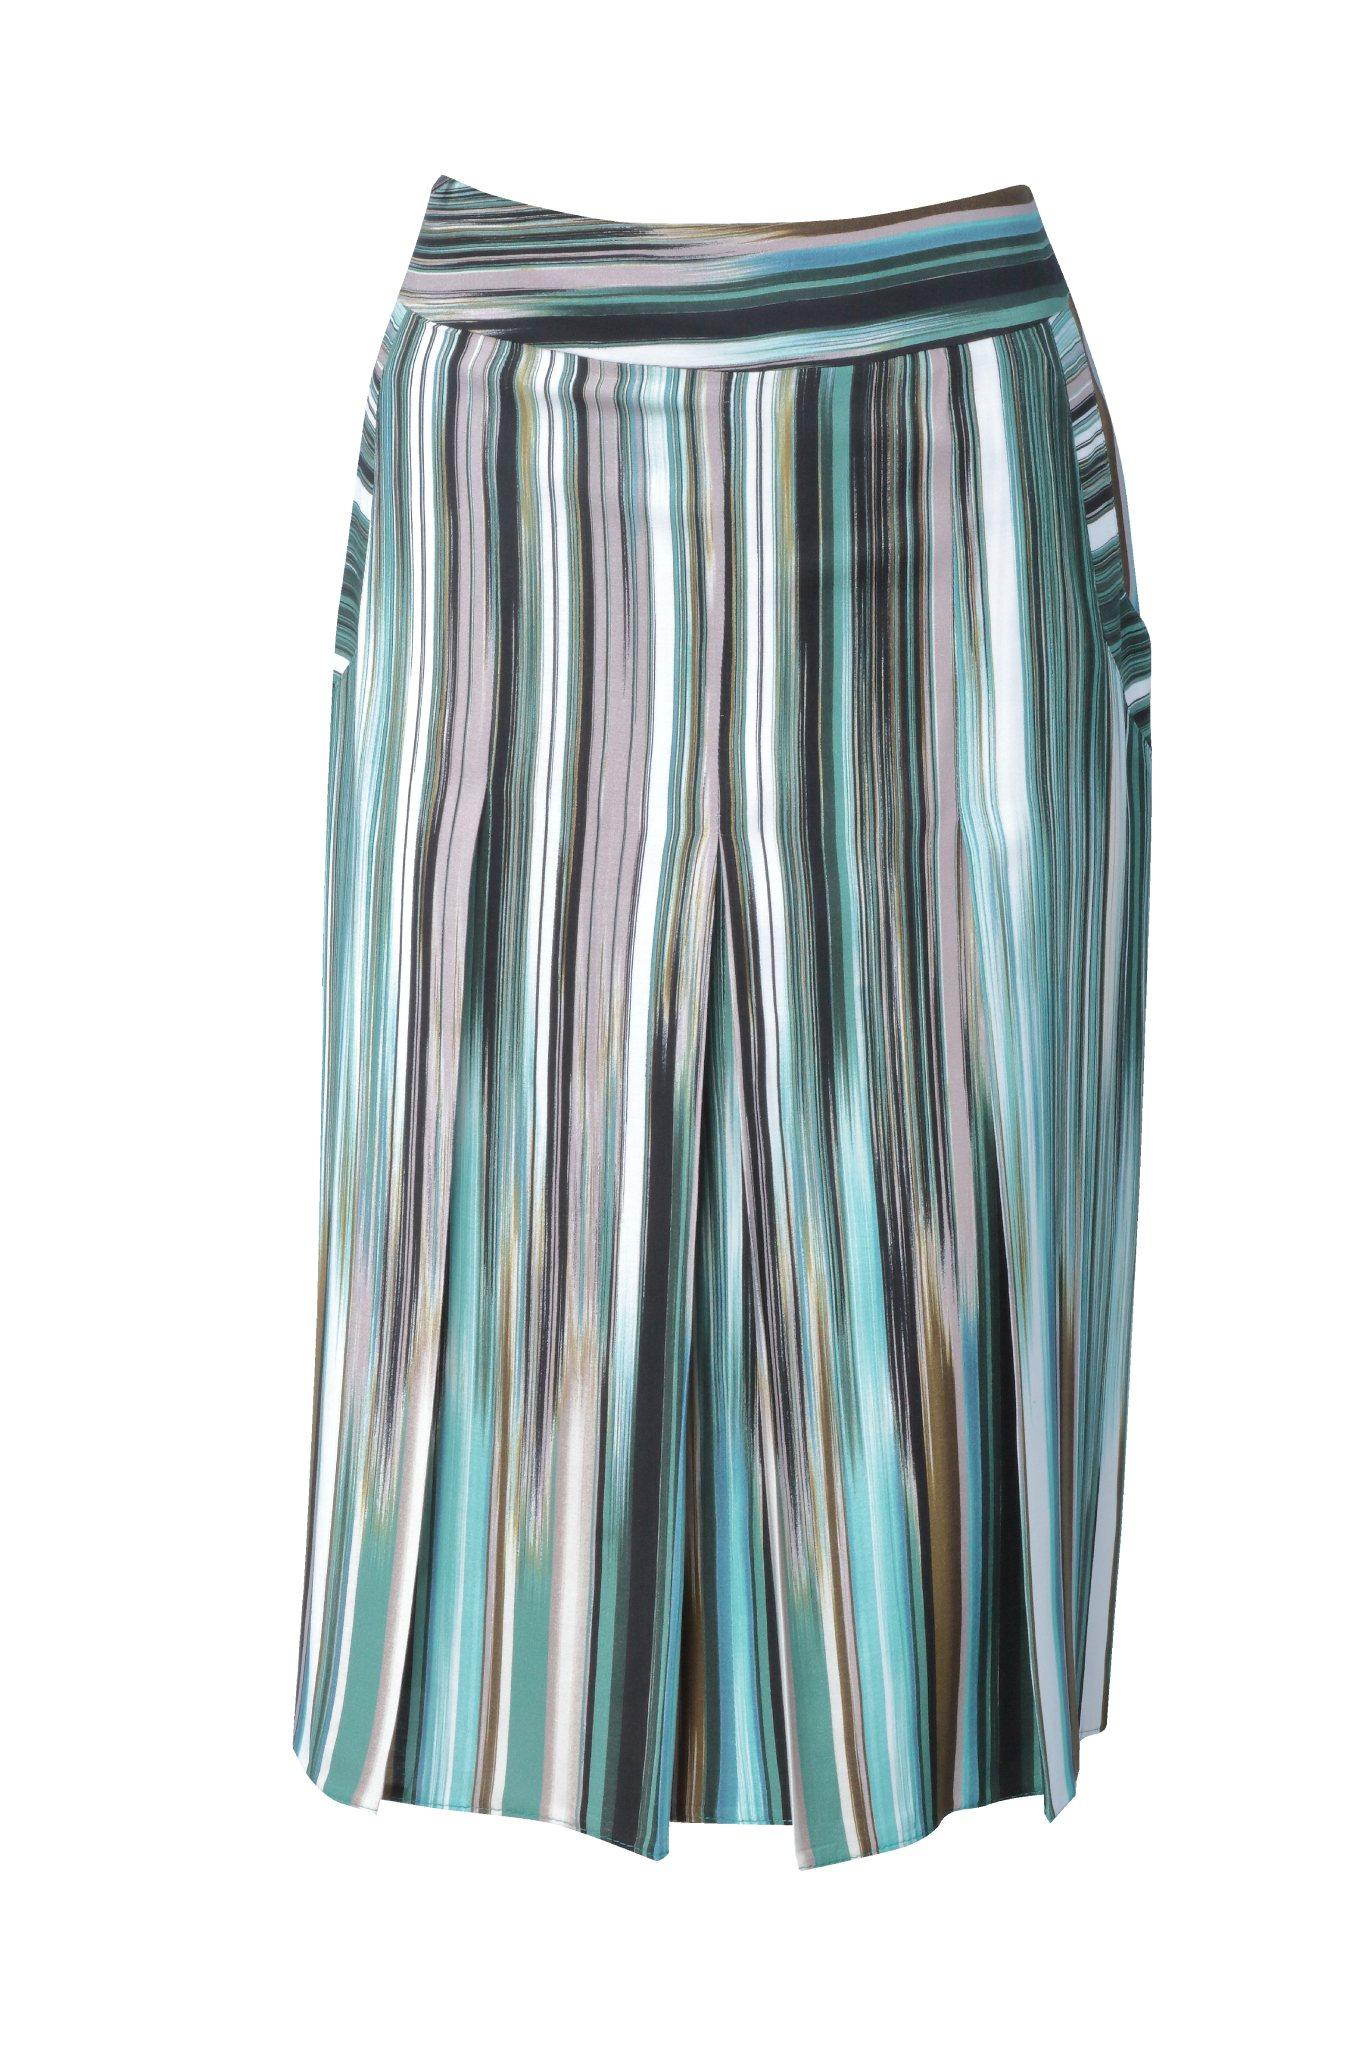 1189 Jumitex spodnica kolorowe paski